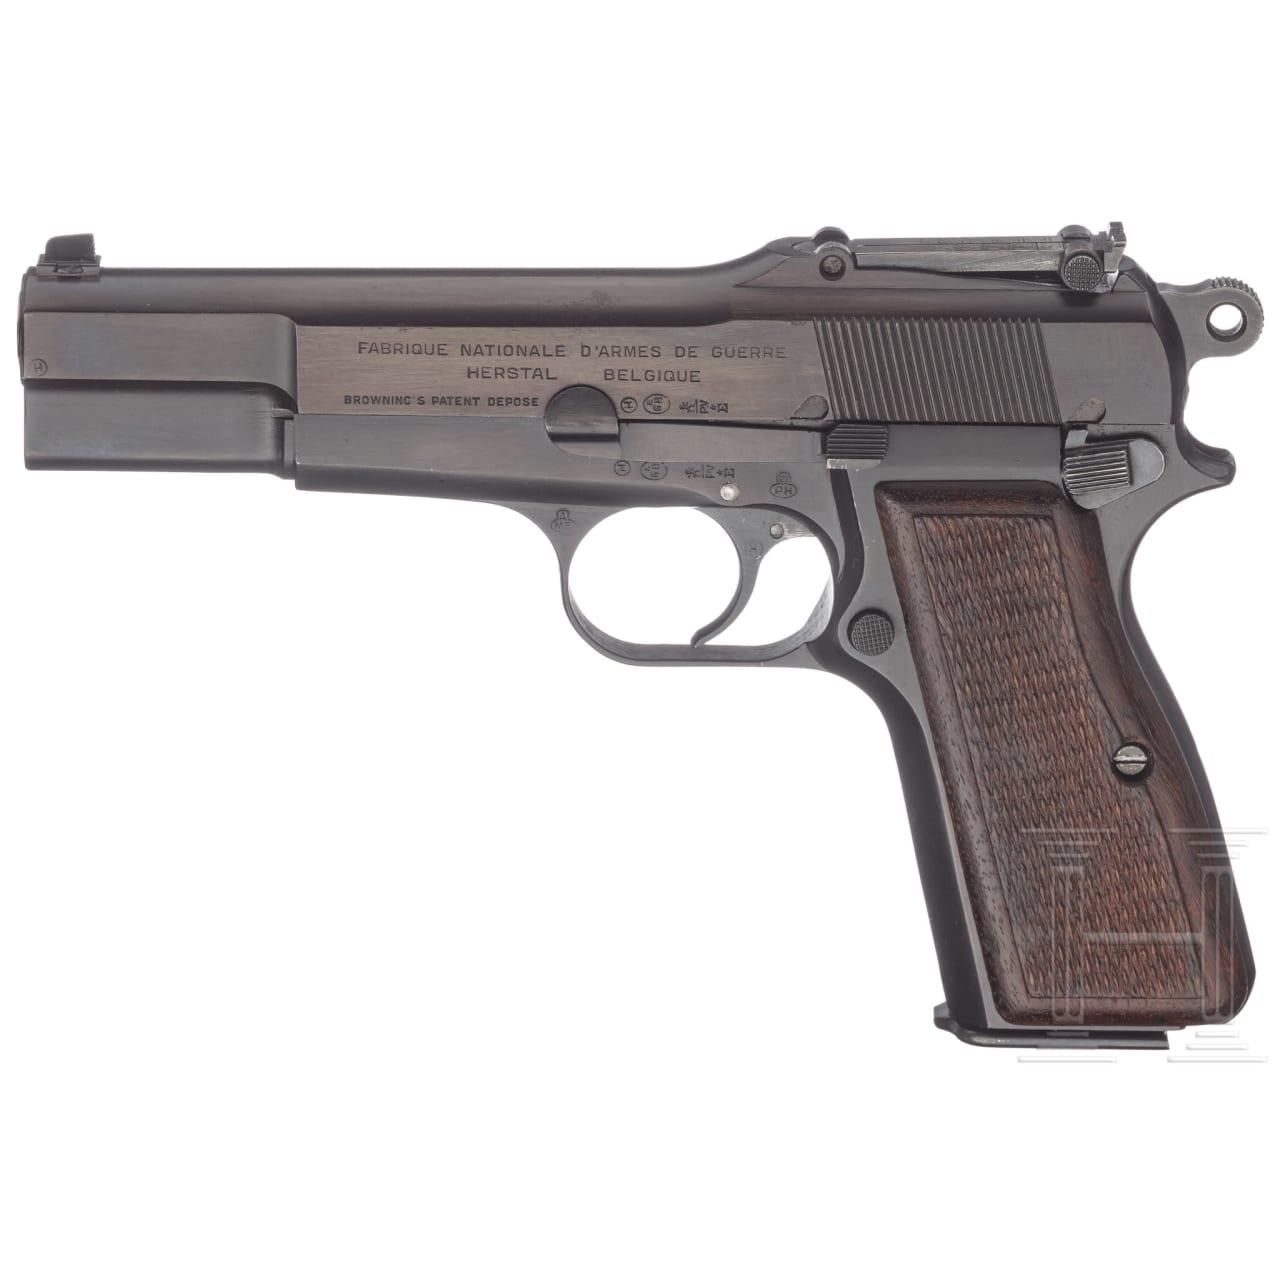 FN GP (Grande Puissance) Mod. 35, mit Tasche